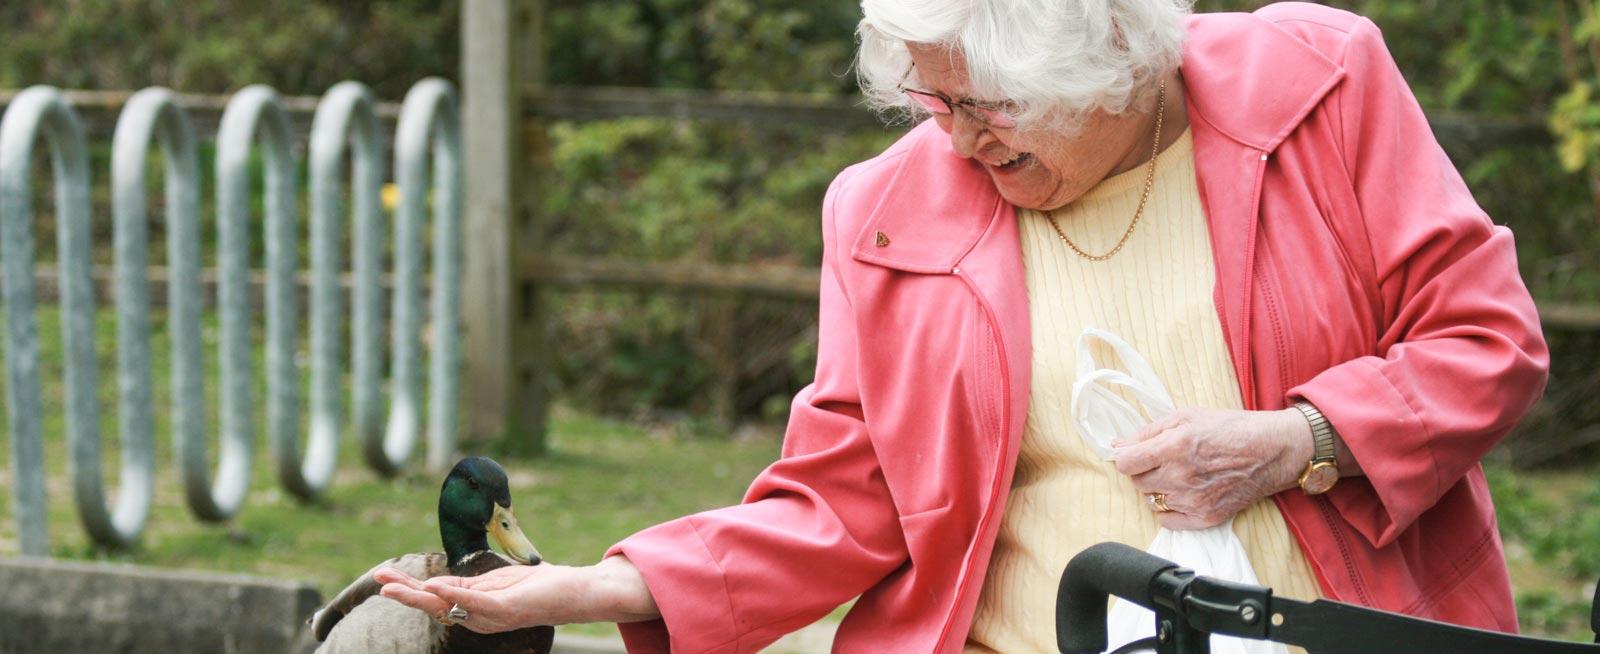 VRS Sunnyside Manor Seniors Community home happy senior resident feeding duck